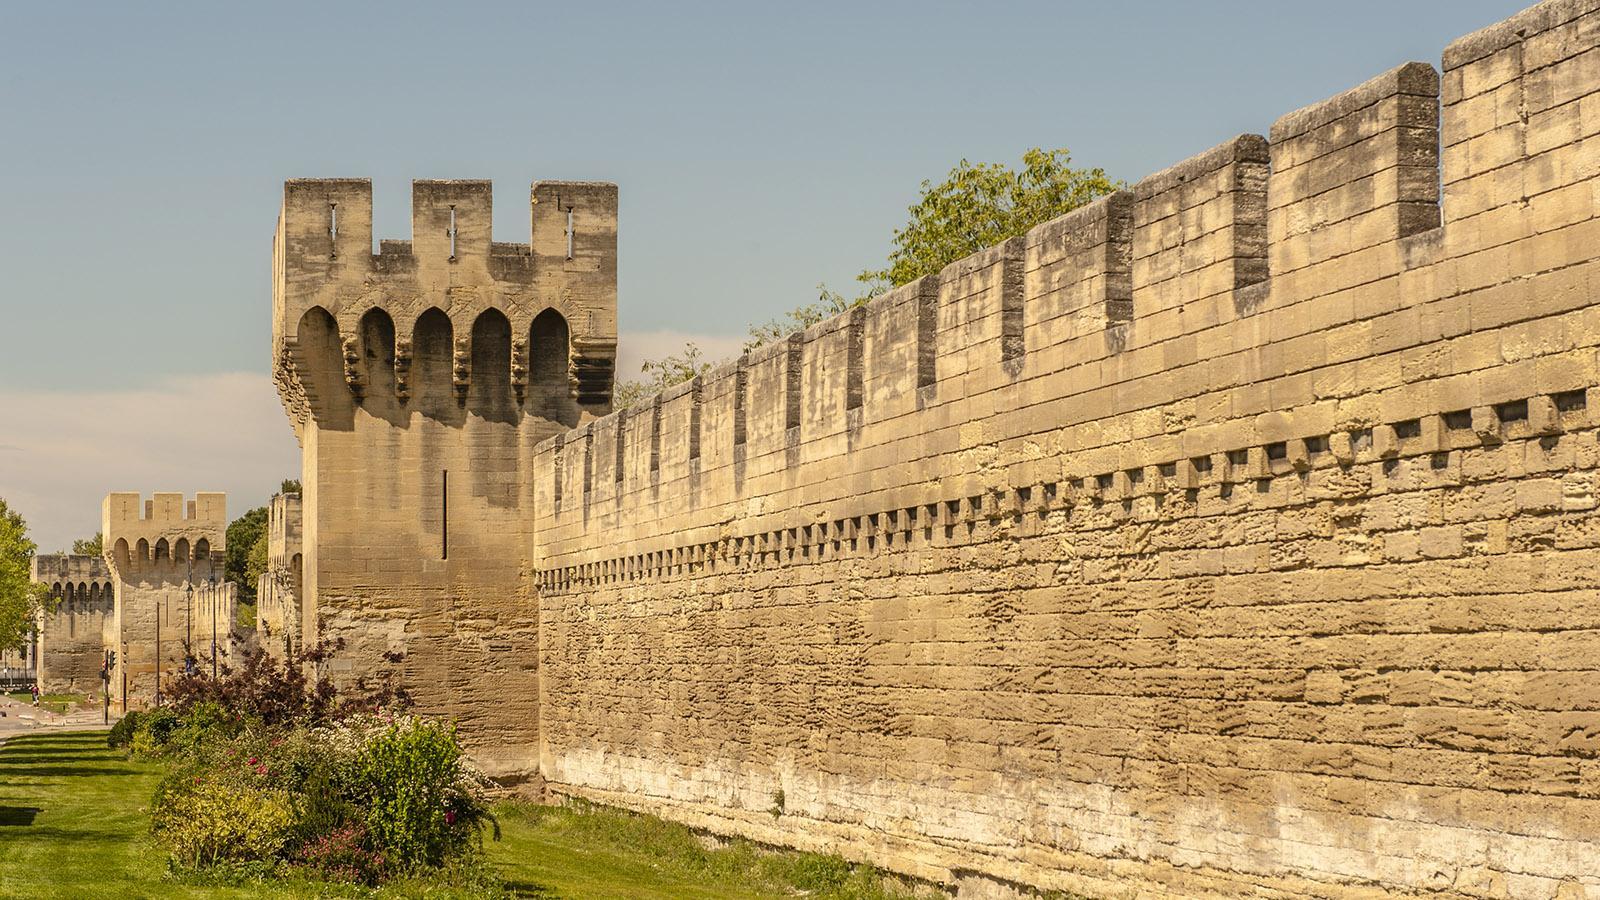 Eine 4,5 km lange Stadtmauer umschließt bis heute fast vollständig die Altstadt von Avignon. Foto: Hilke Maunder